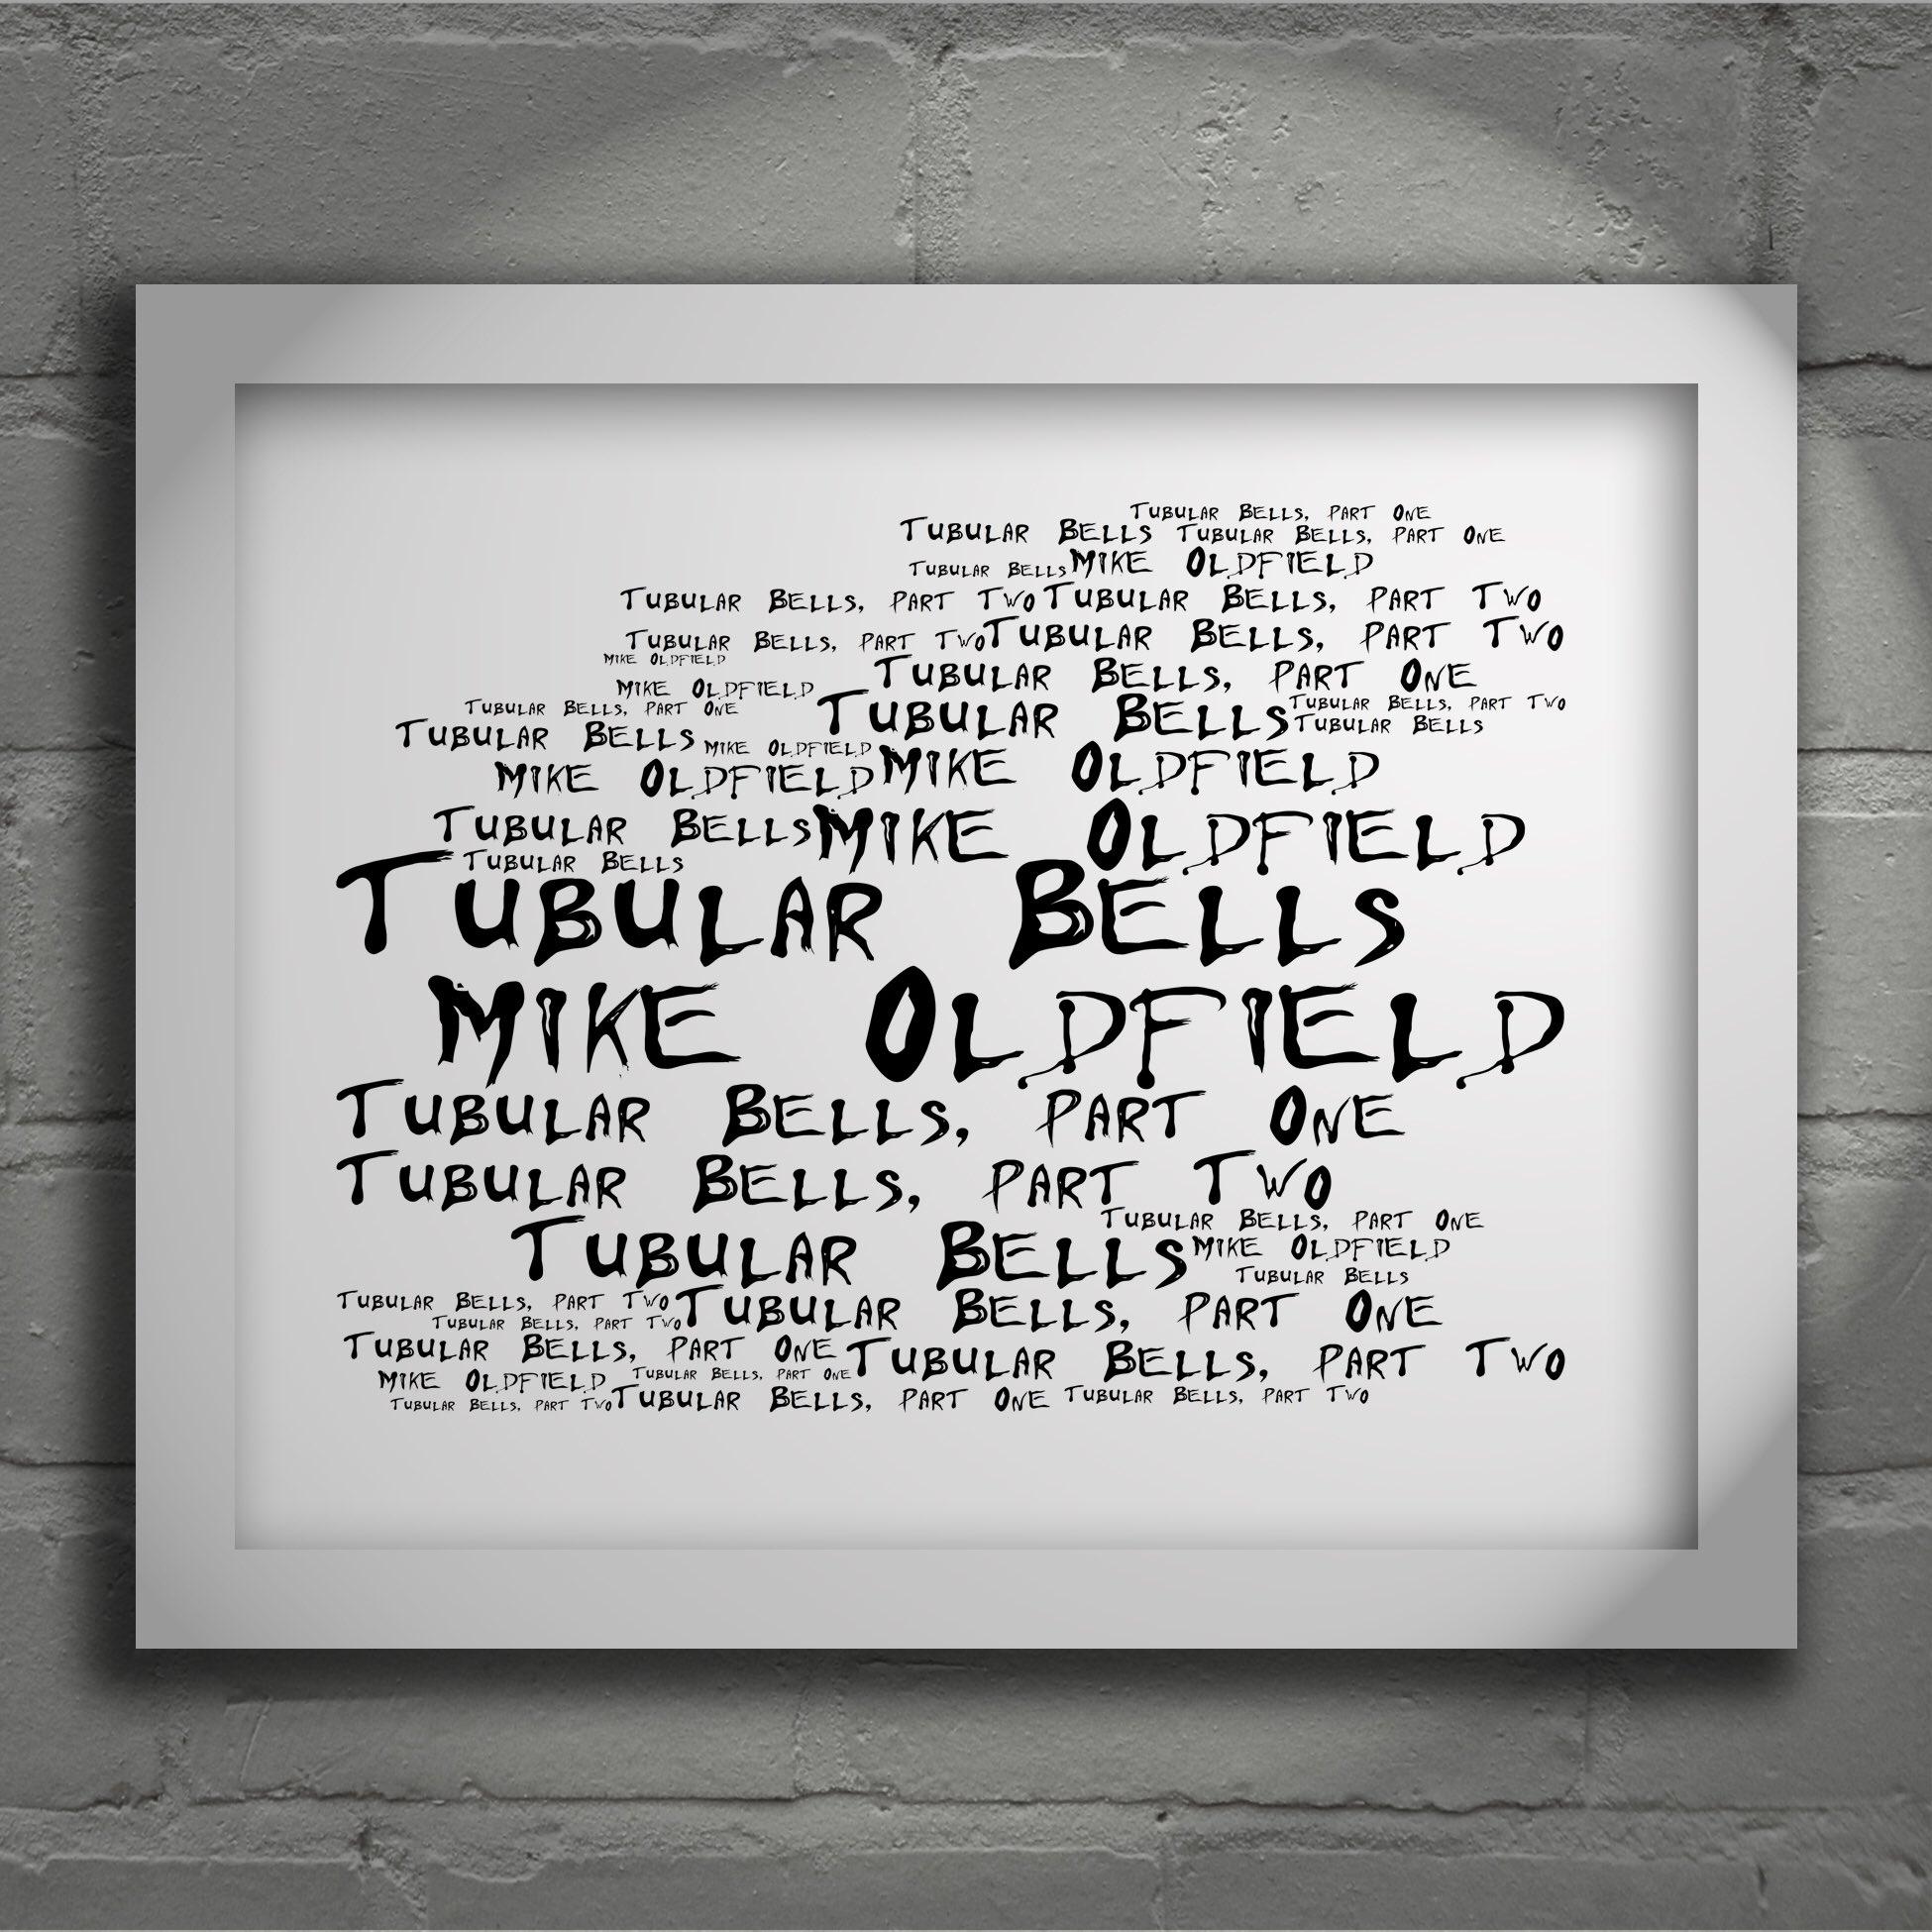 Happy Birthday Mike Oldfield!  Amazon/Etsy/EBay - Lissome Art Studio